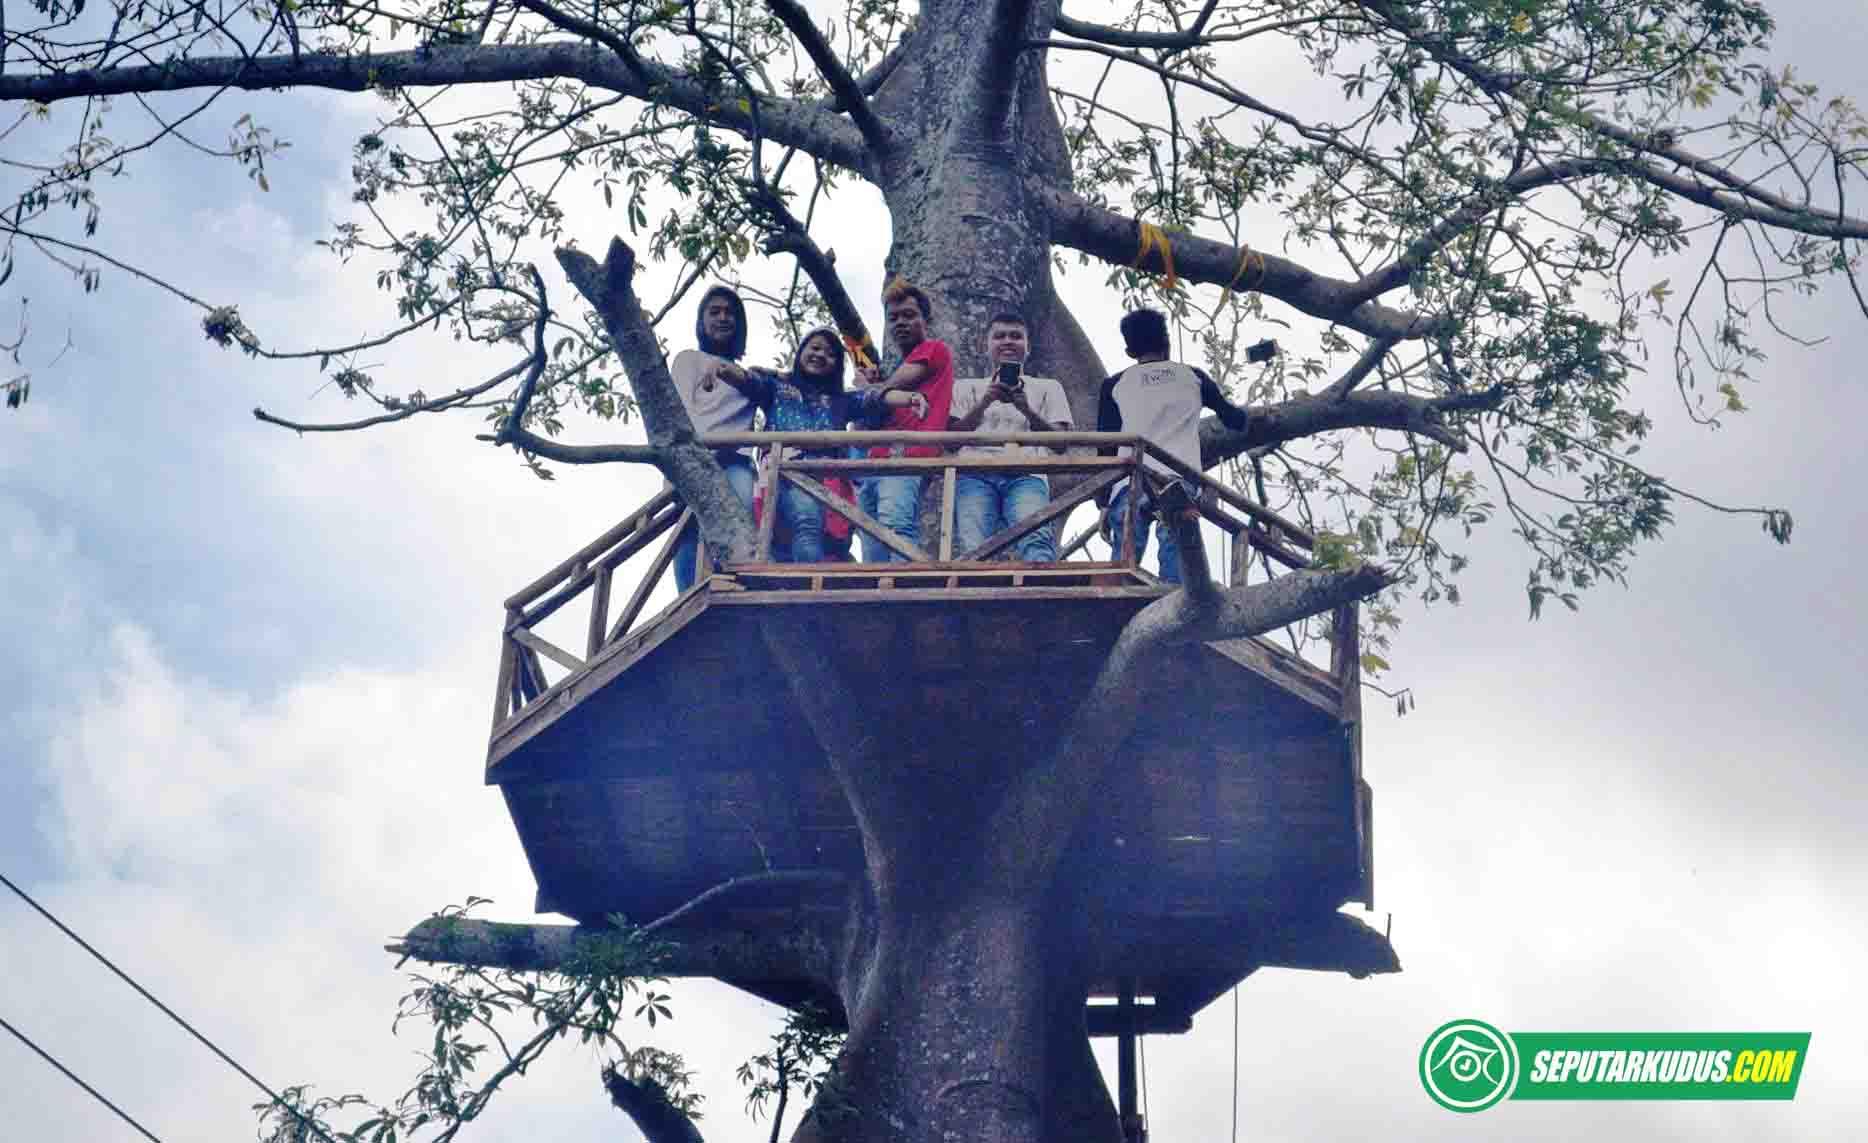 Wisata rumah pohon di Bukit Nggeneng, Rahtawu, Kudus 2017_6_9